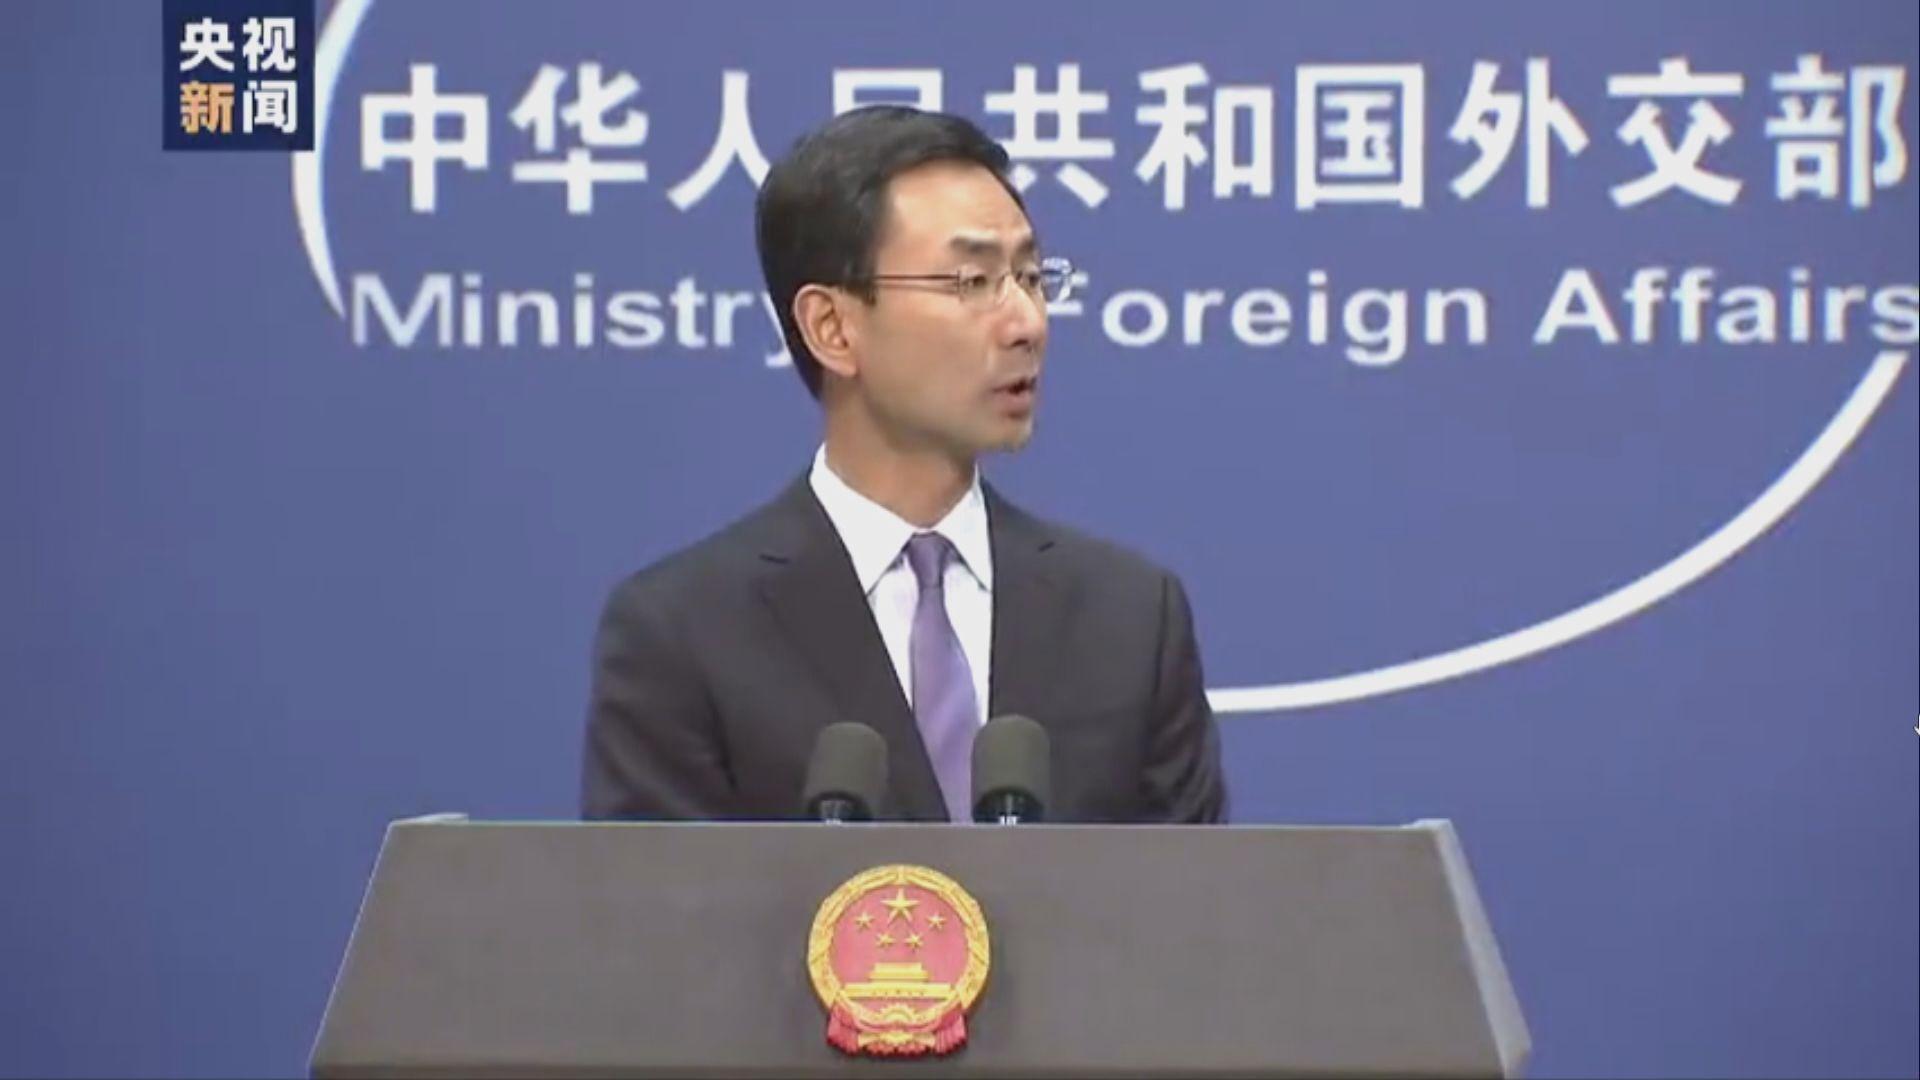 外交部促美方妥善處理台灣問題